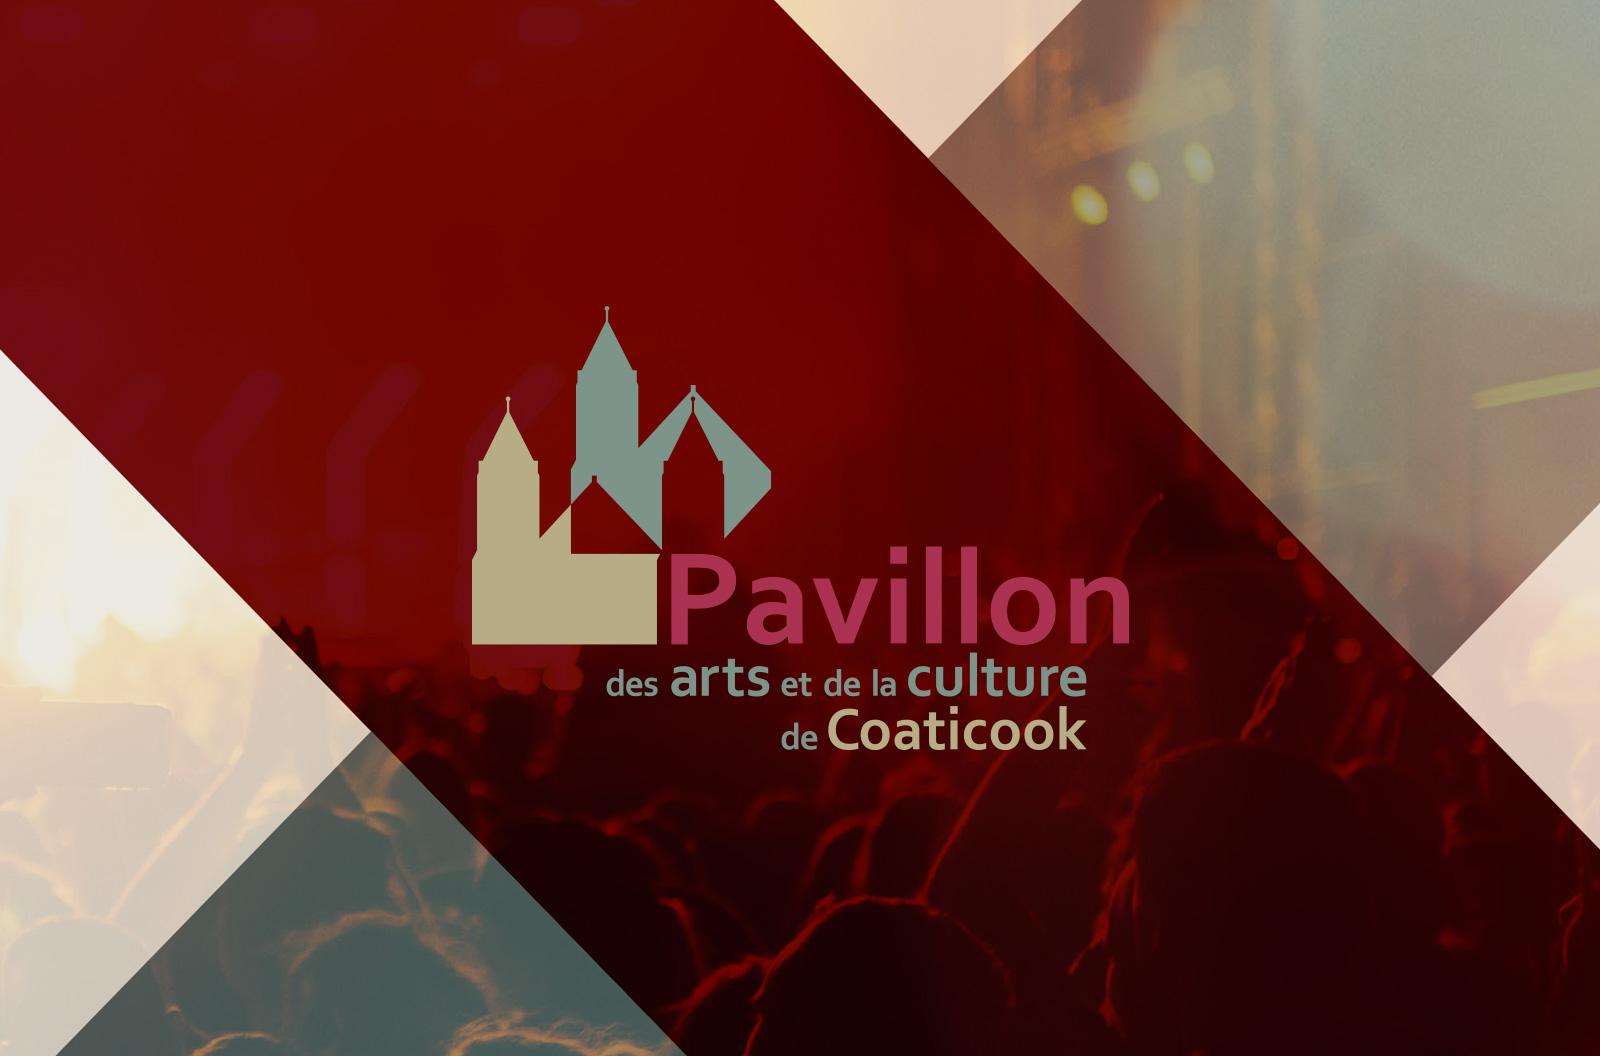 Pavillon des arts et de la culture de Coaticook - À propos